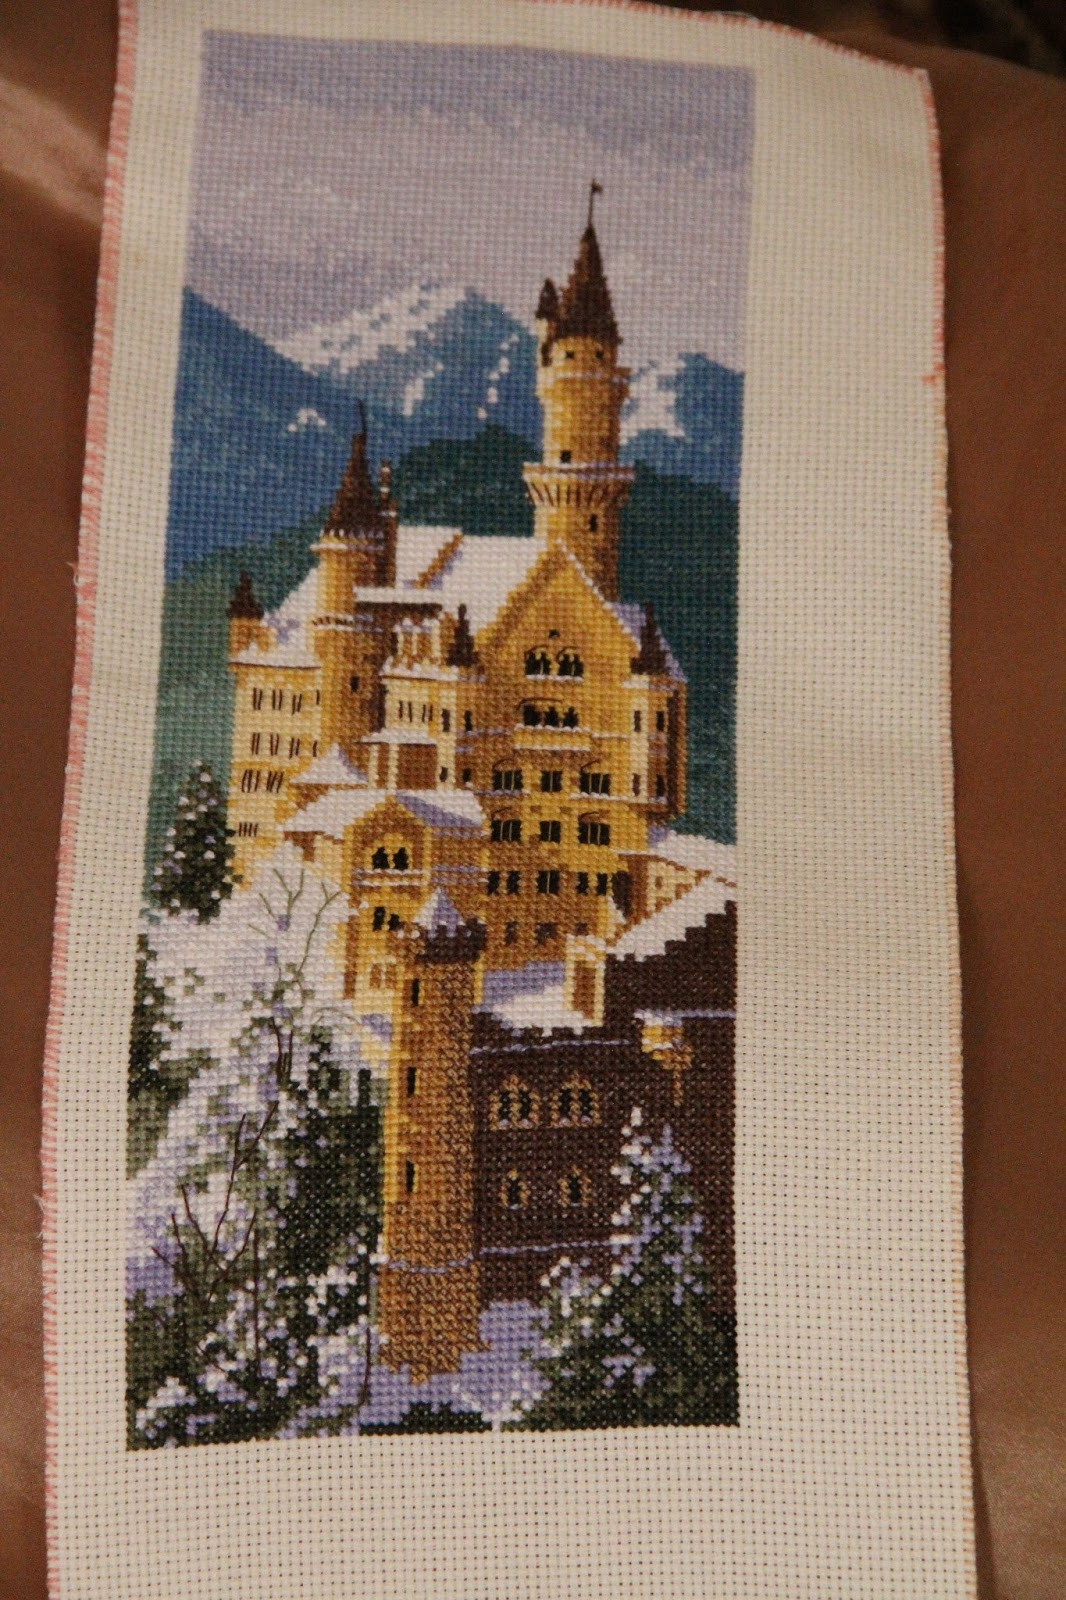 Вышивка замка Нойшванштайн - Риолис 10